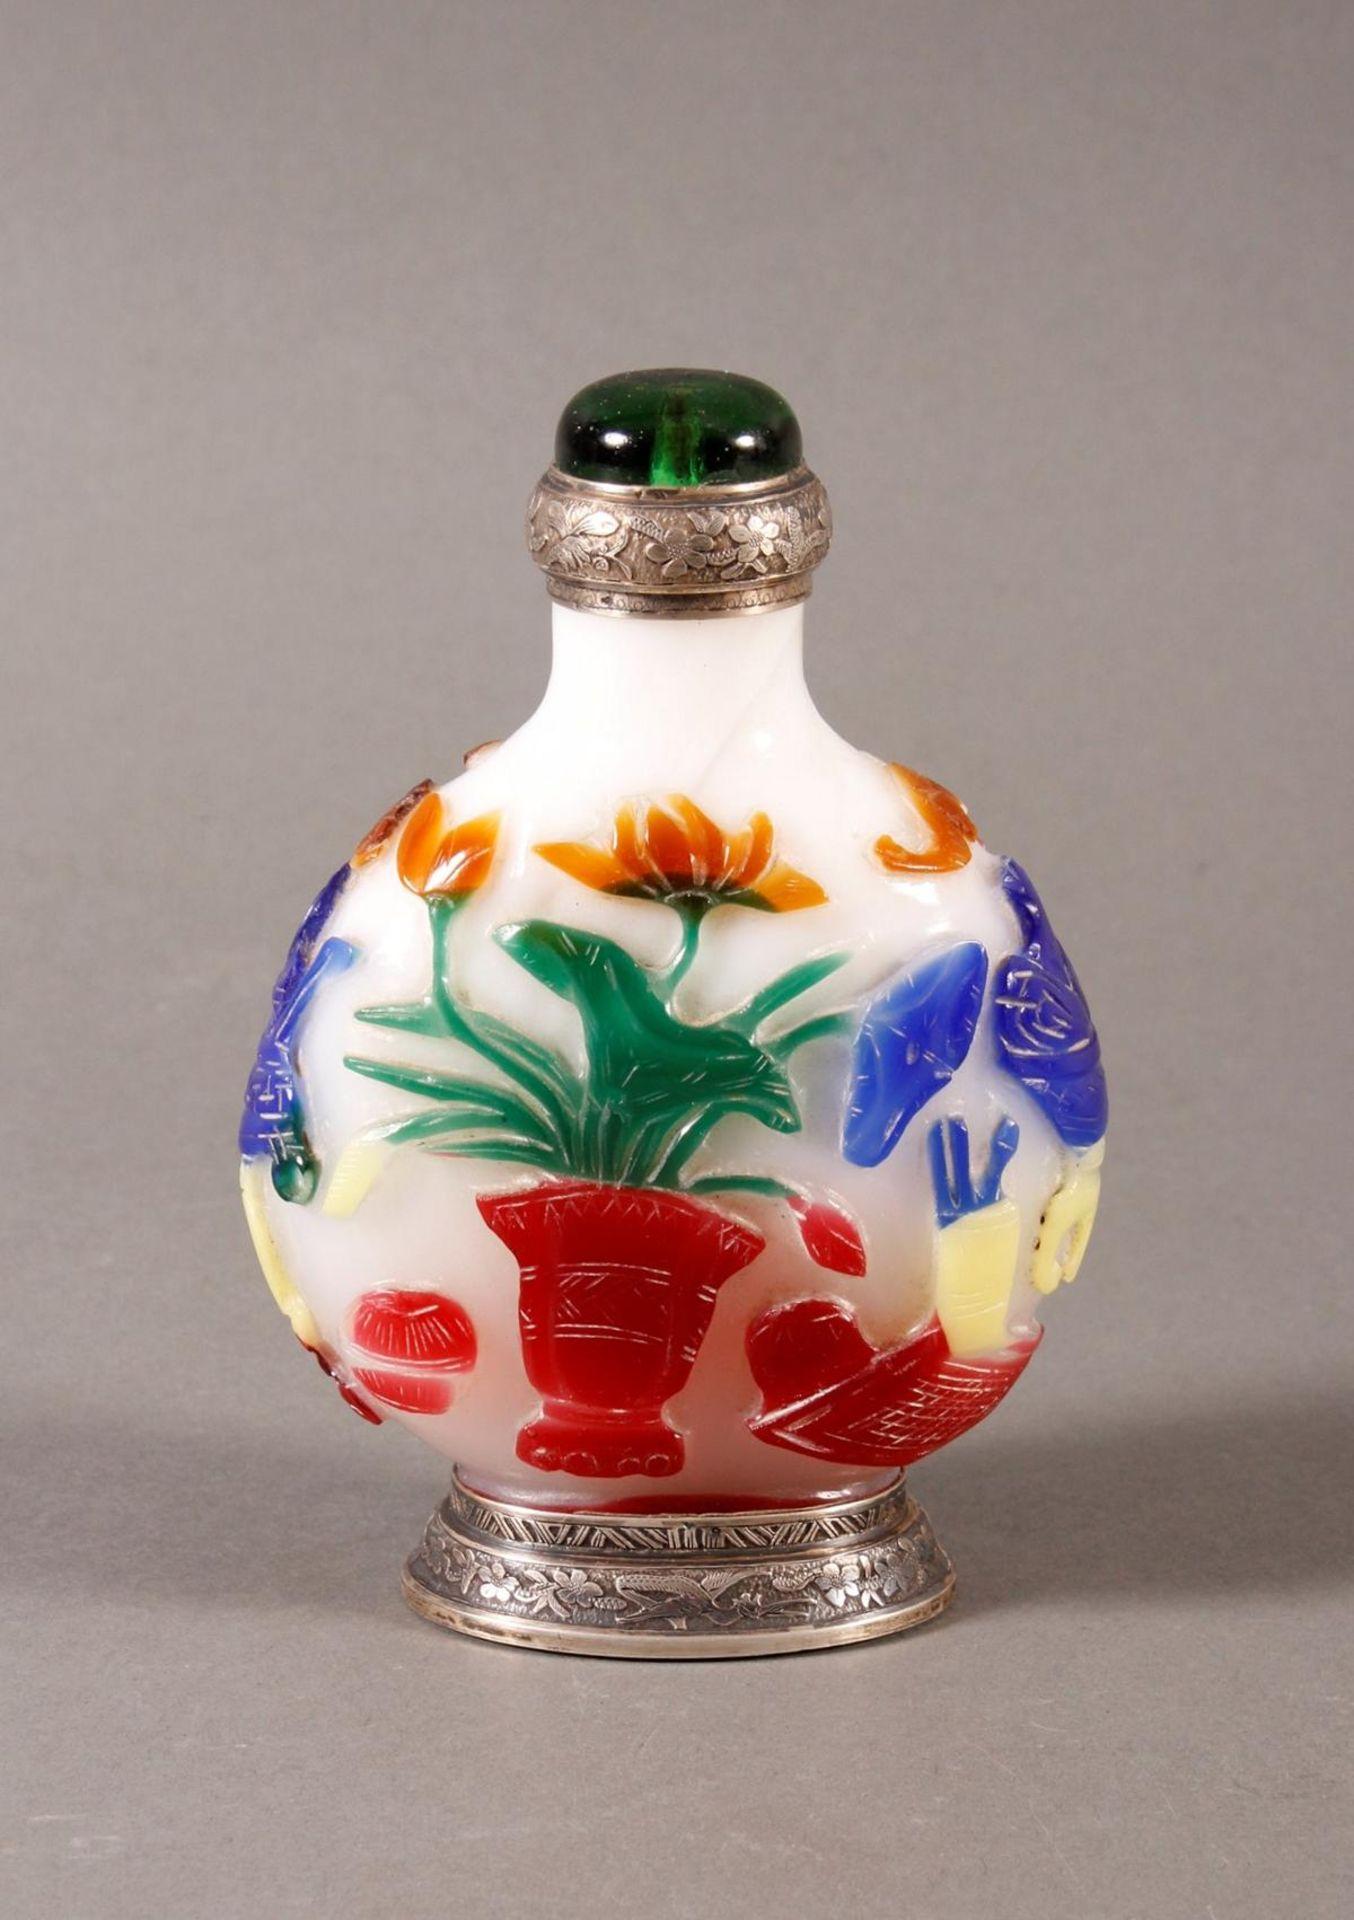 Snuff bottle, Überfangglas mit Silbermontur, China Anfang 20. Jahrhundert - Bild 3 aus 12